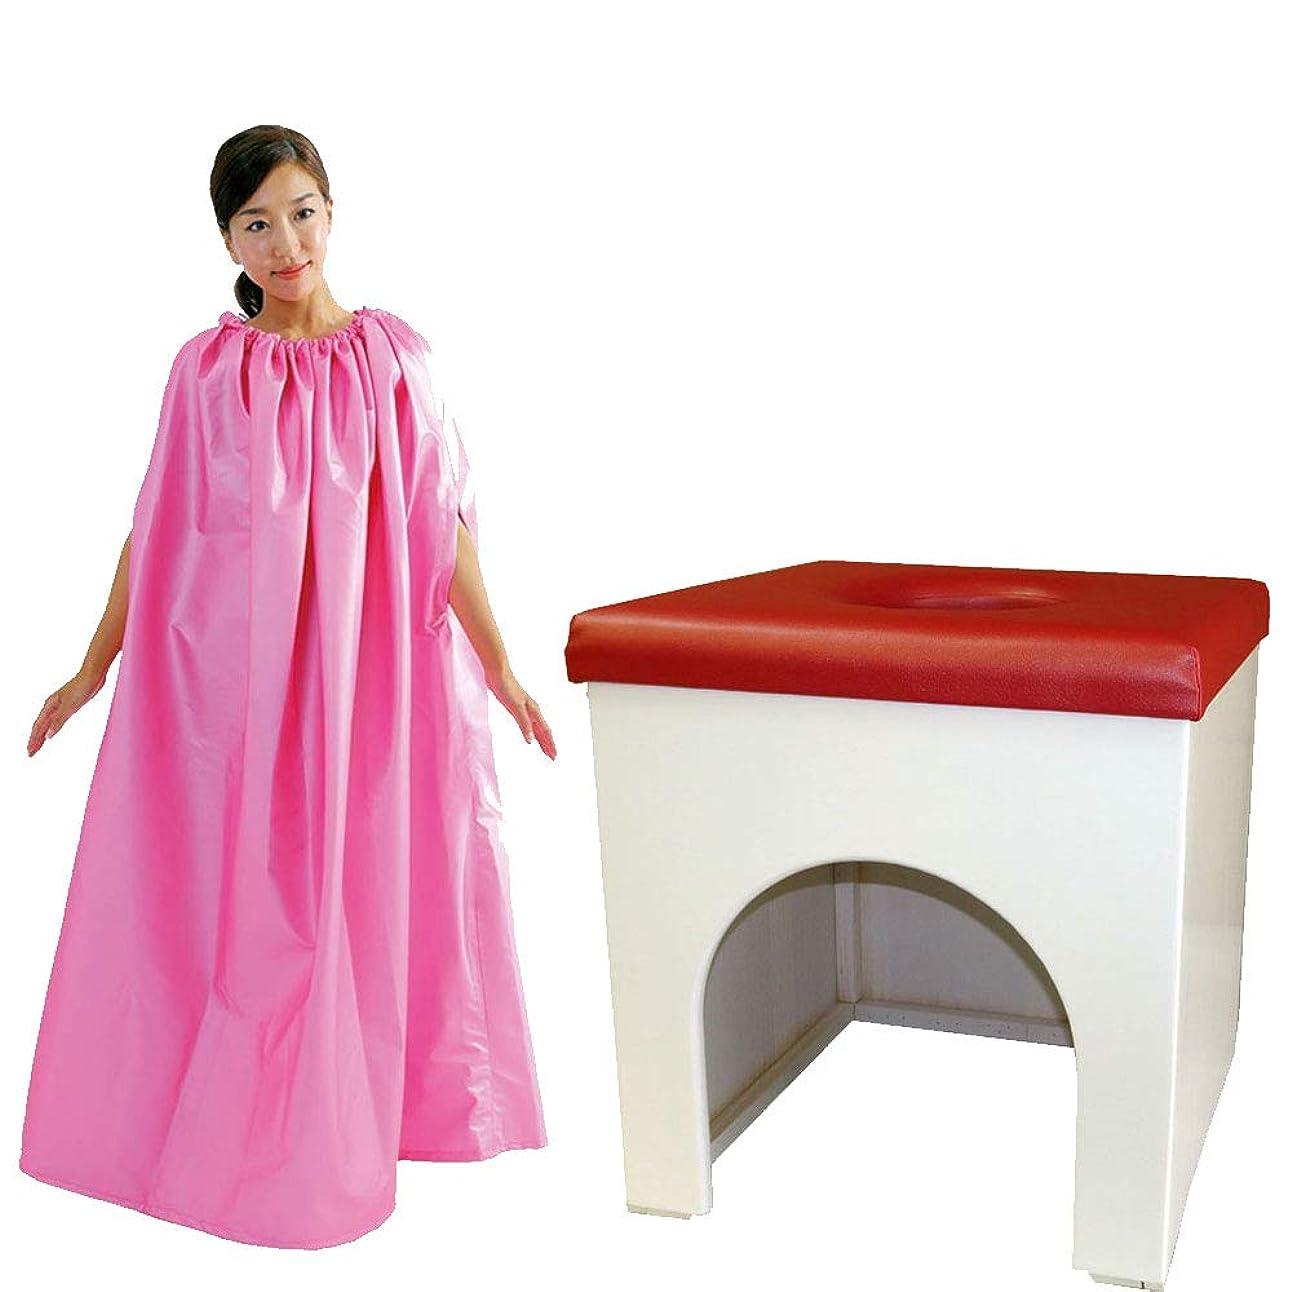 幻想的警報淡い【WR】まる温よもぎ蒸し【白椅子(ワインレッドシート)セット】専用マント?薬草60回分?電気鍋【期待通りの満足感をお届けします!】/爽やかなホワイトカラーで、人体に無害な塗装仕上げで通常の椅子より長持ちします! (ピンク)